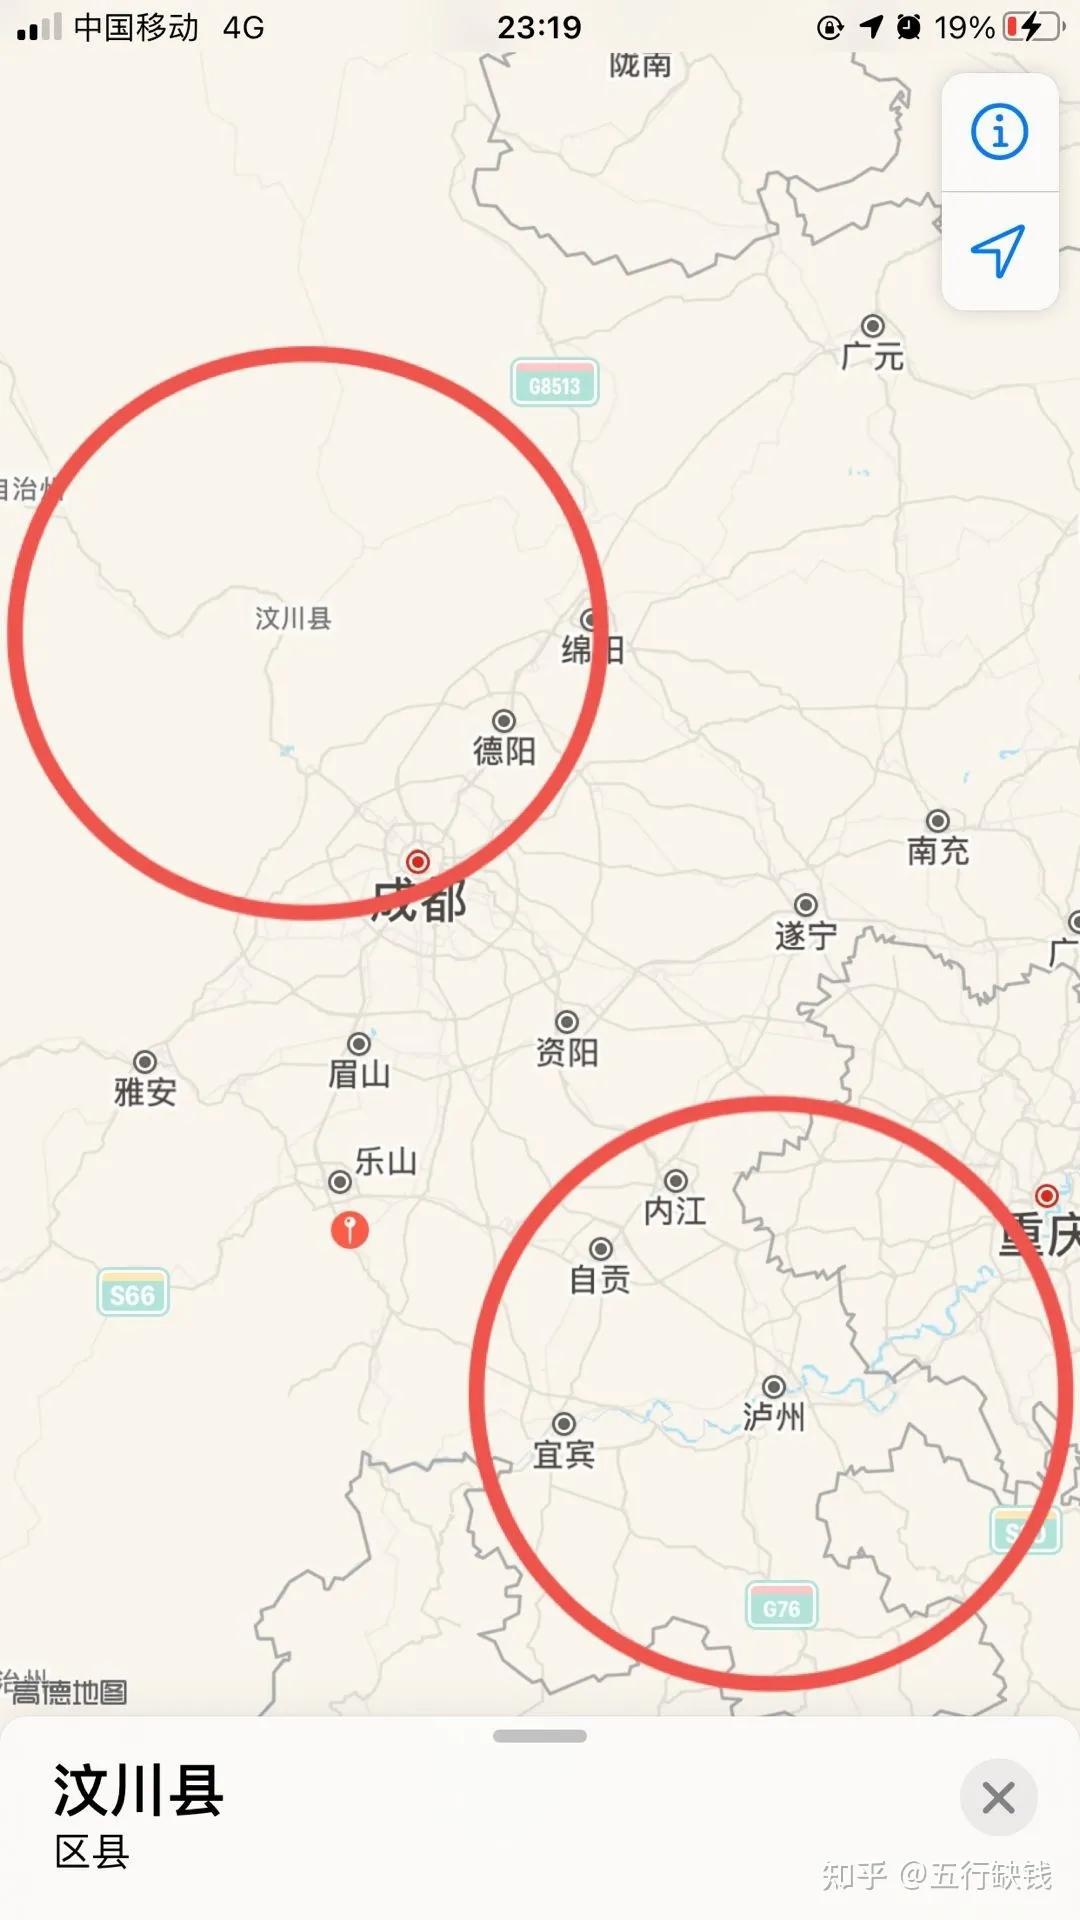 四川地震局致歉,泸州 8.1 级地震为系统技术故障误报?